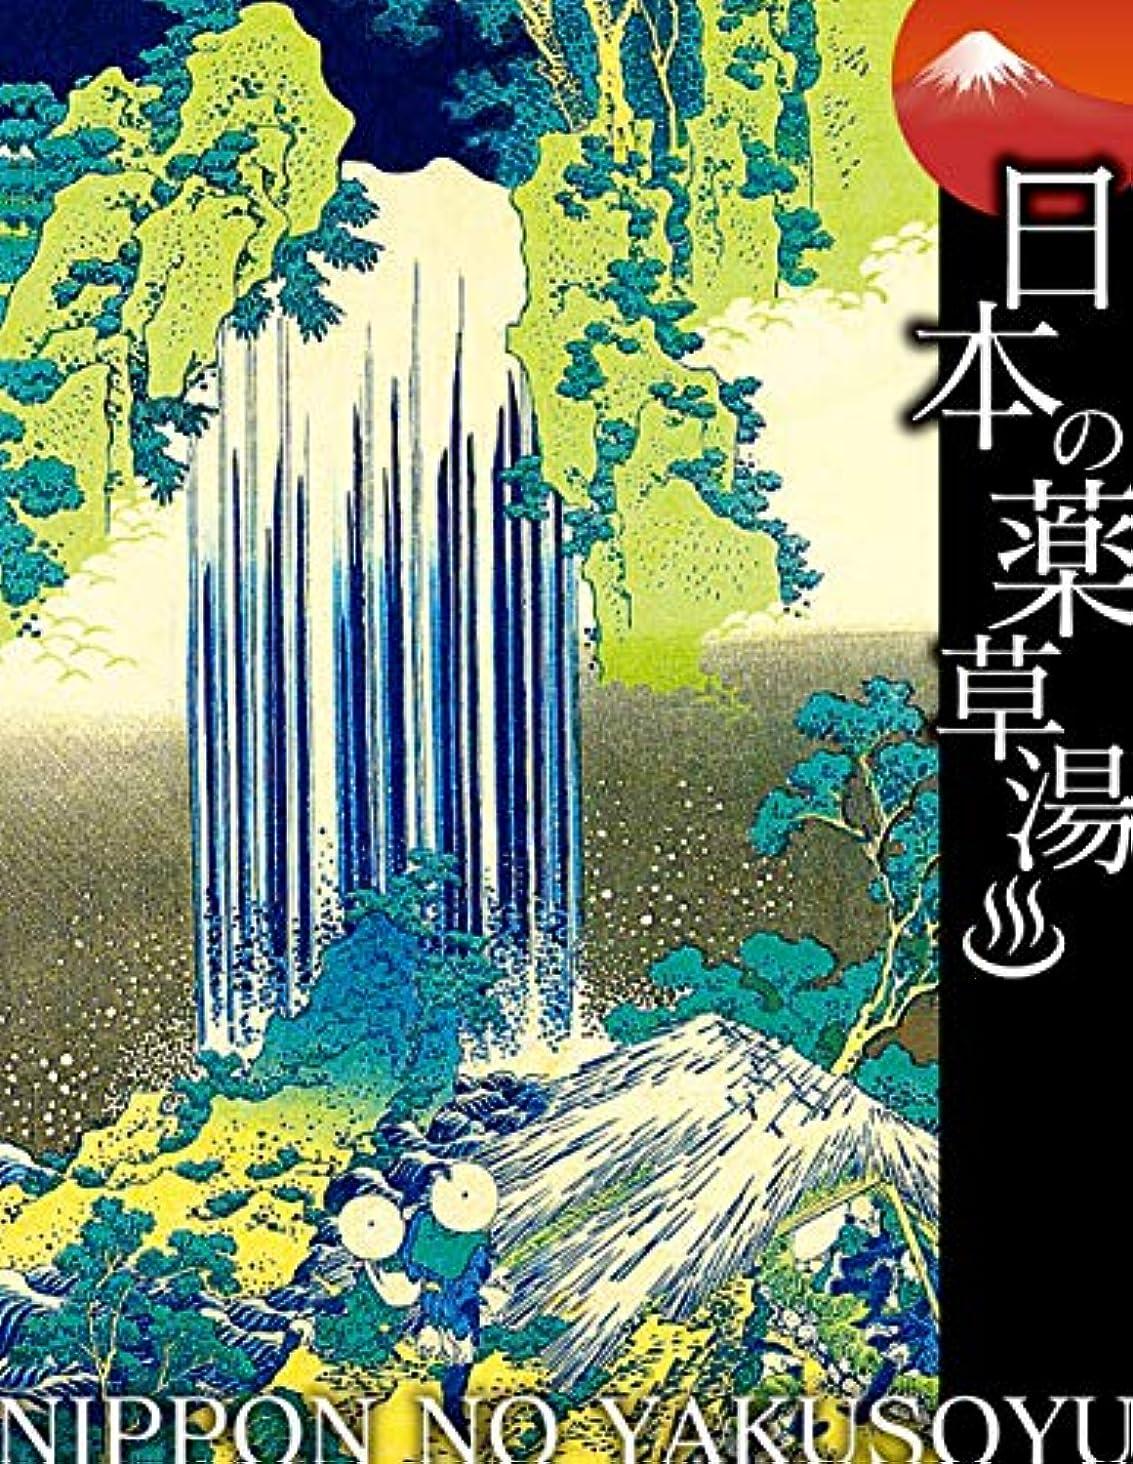 レモンホイットニー注目すべき日本の薬草湯 美濃ノ国養老の瀧(諸国瀧廻り)